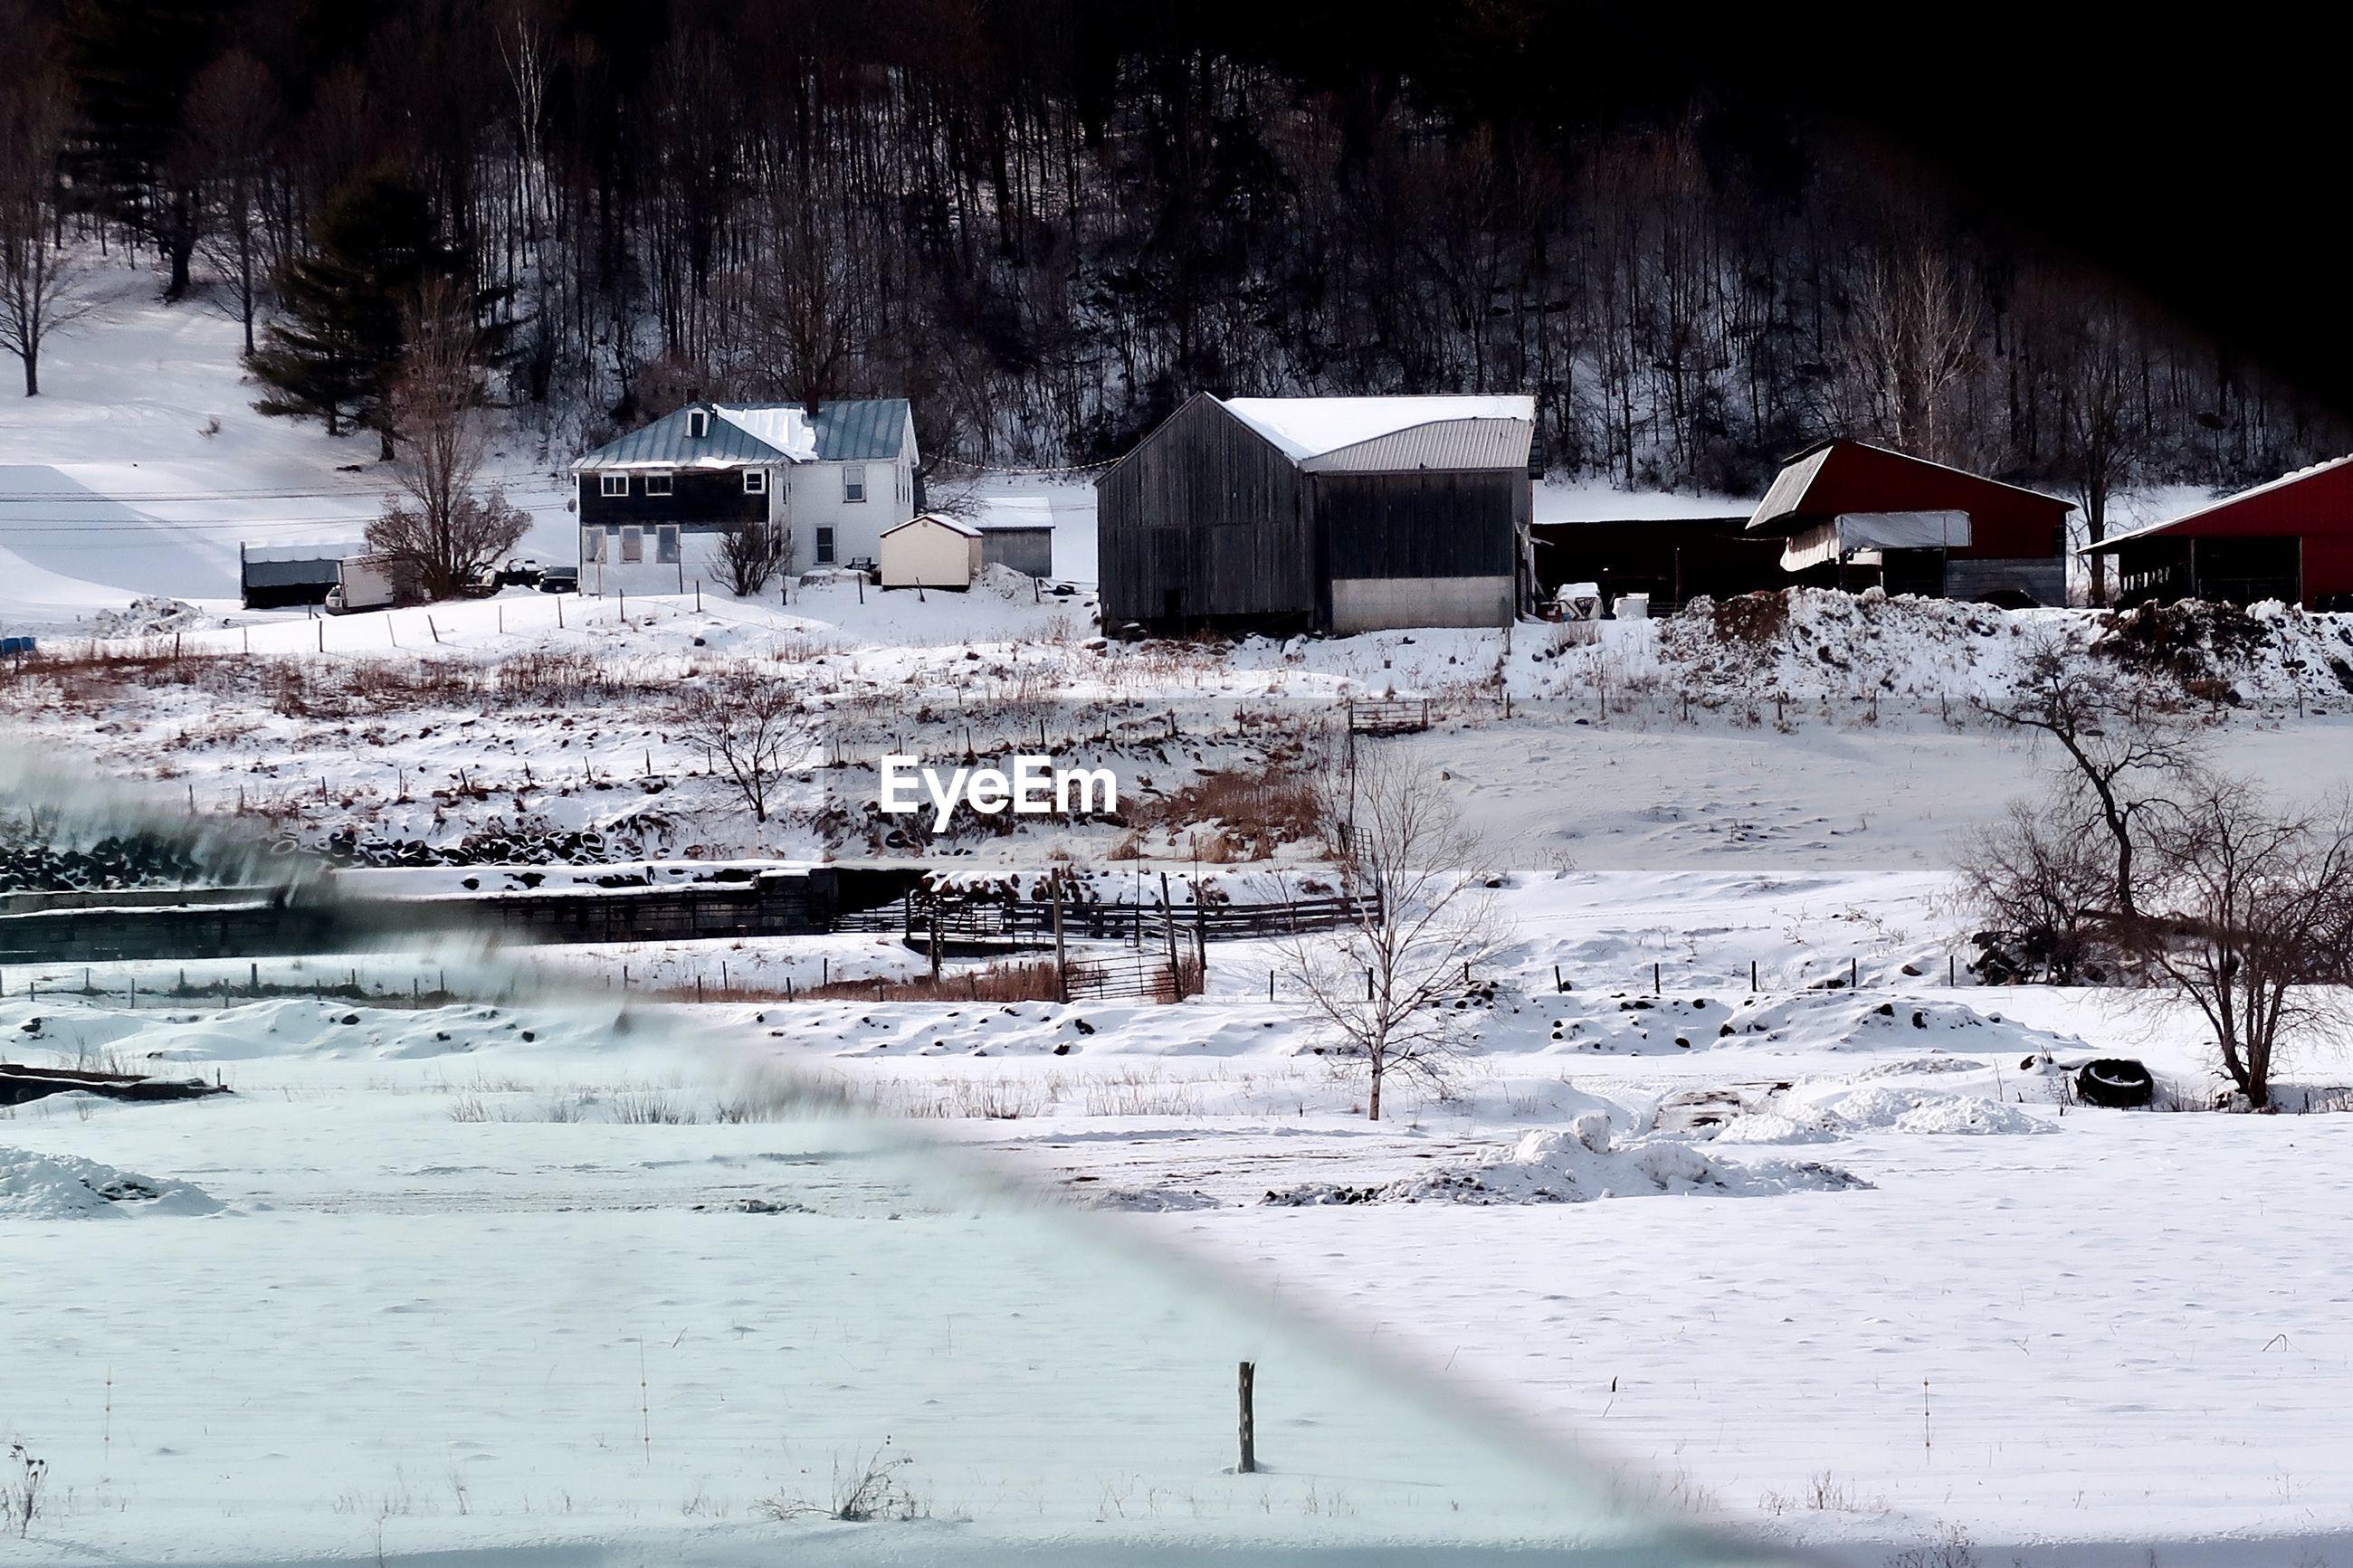 Farmland in winter from my car